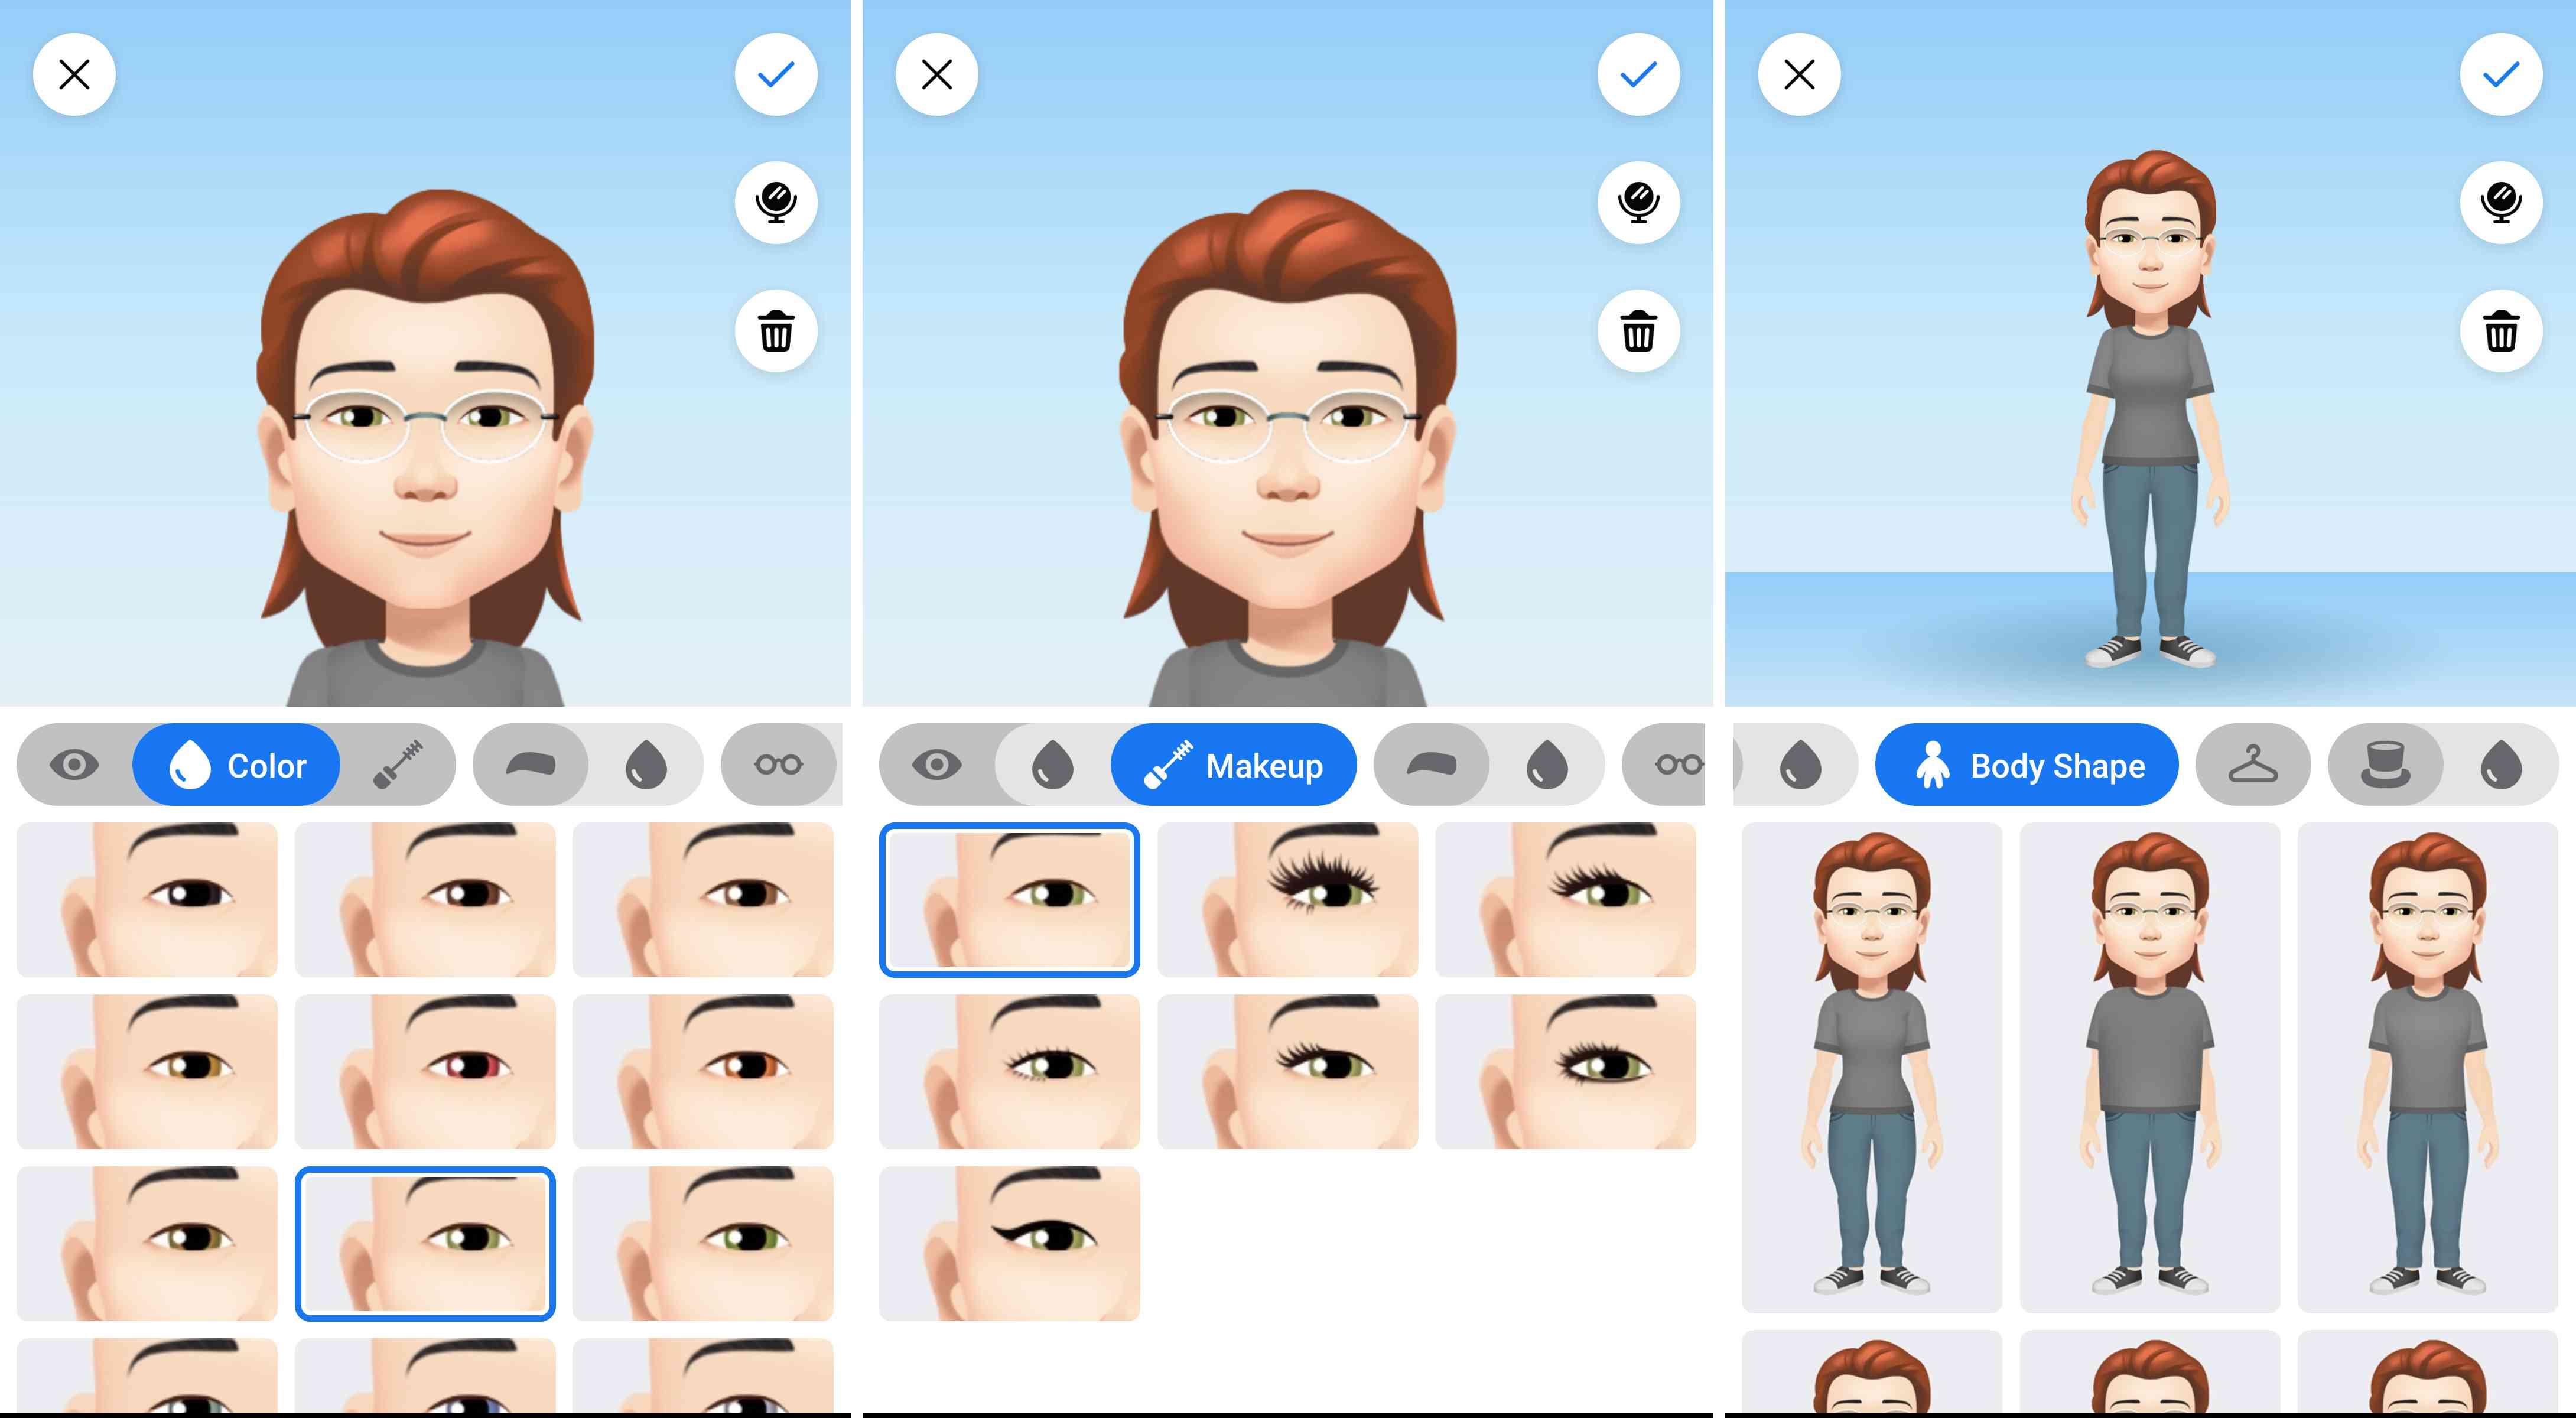 كيفية إنشاء واستخدام الصورة الرمزية فيسبوك